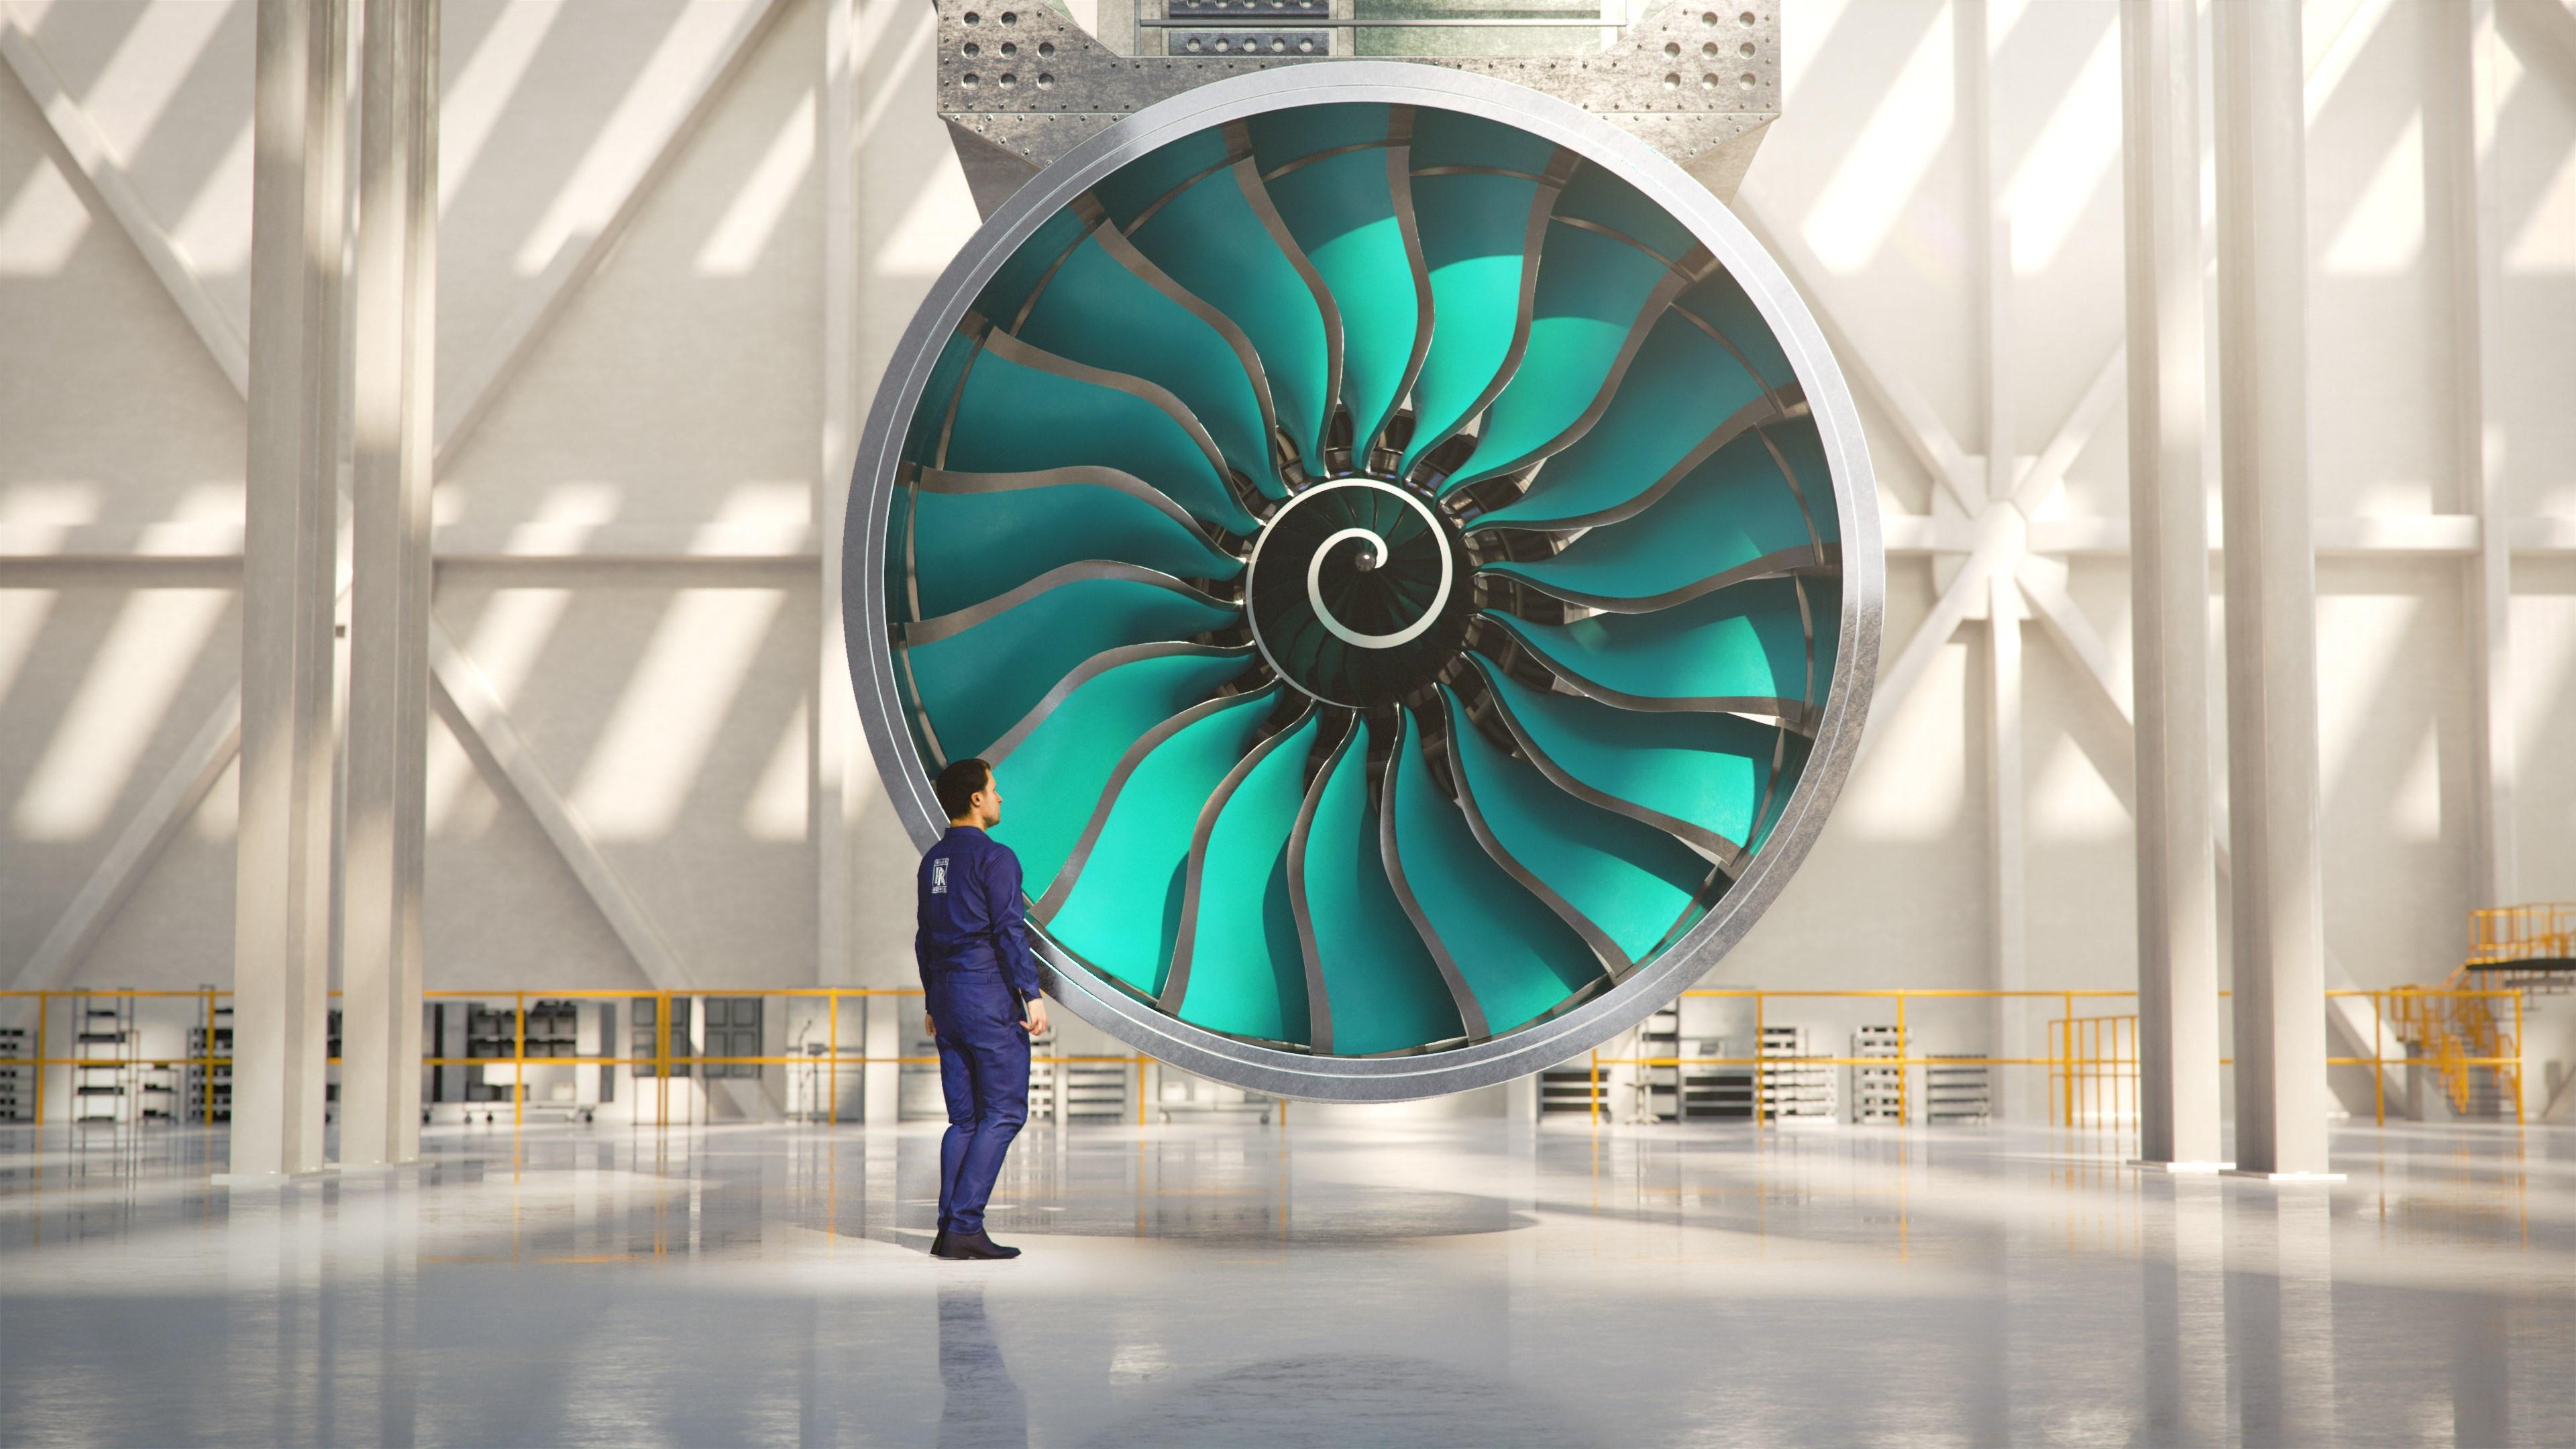 罗尔斯-罗伊斯开始组装全球最大航空发动机